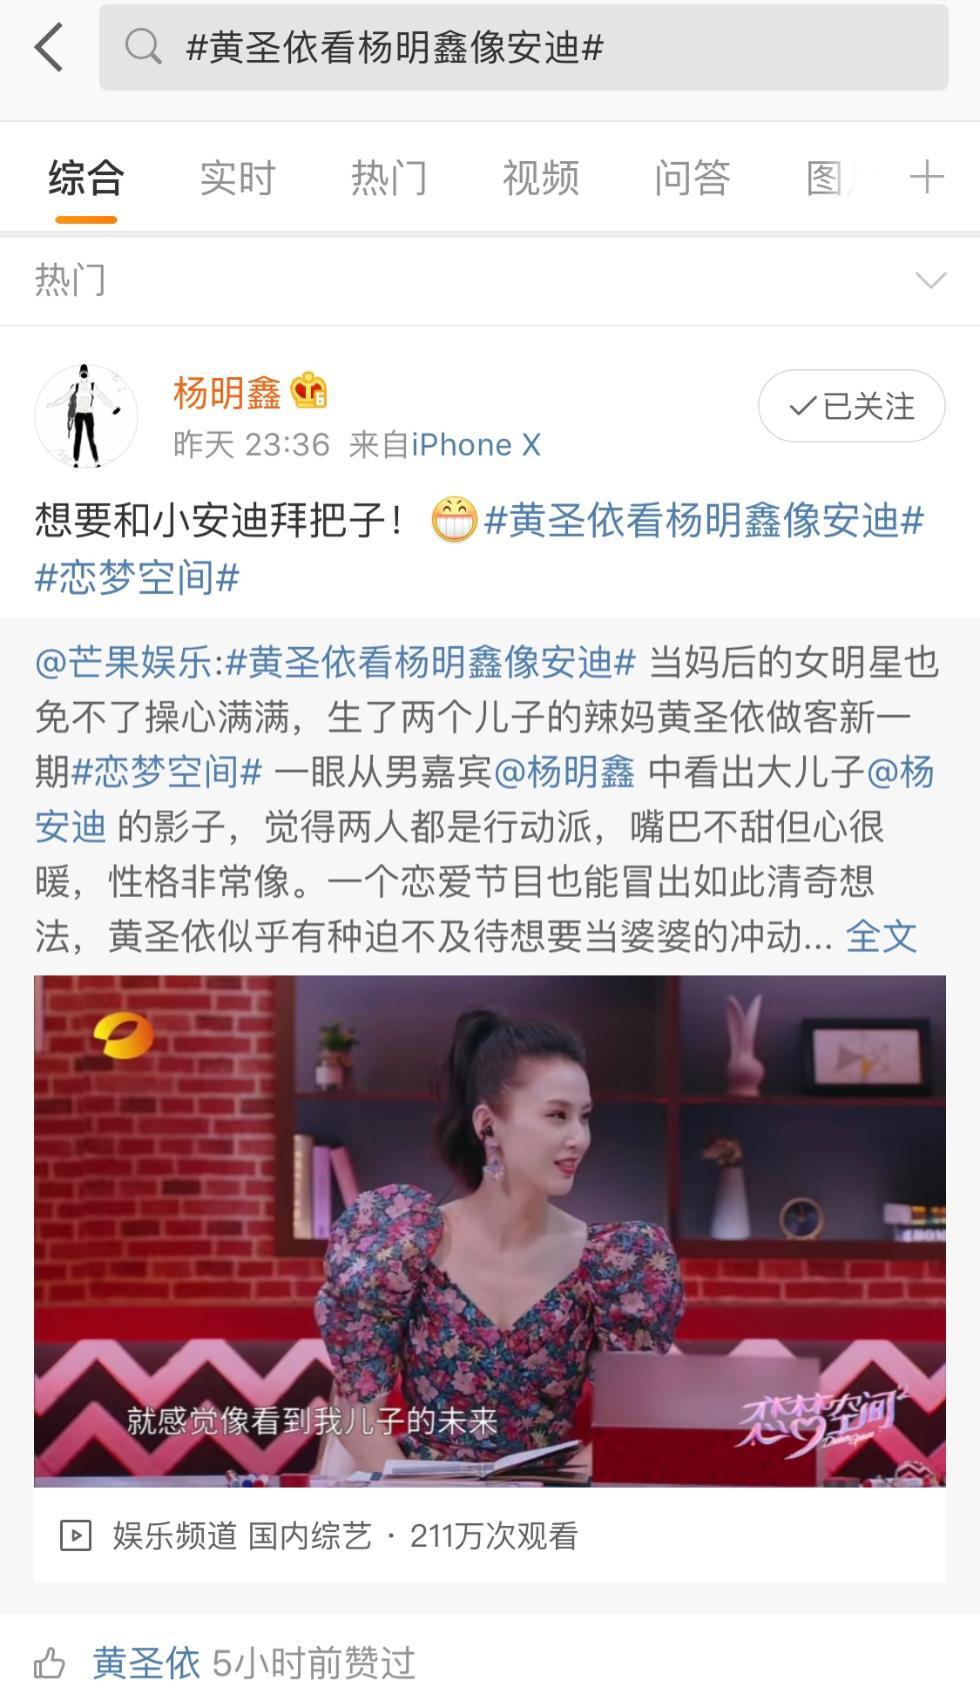 黄圣依《恋梦空间》金句不断 坦言杨明鑫跟安迪很像